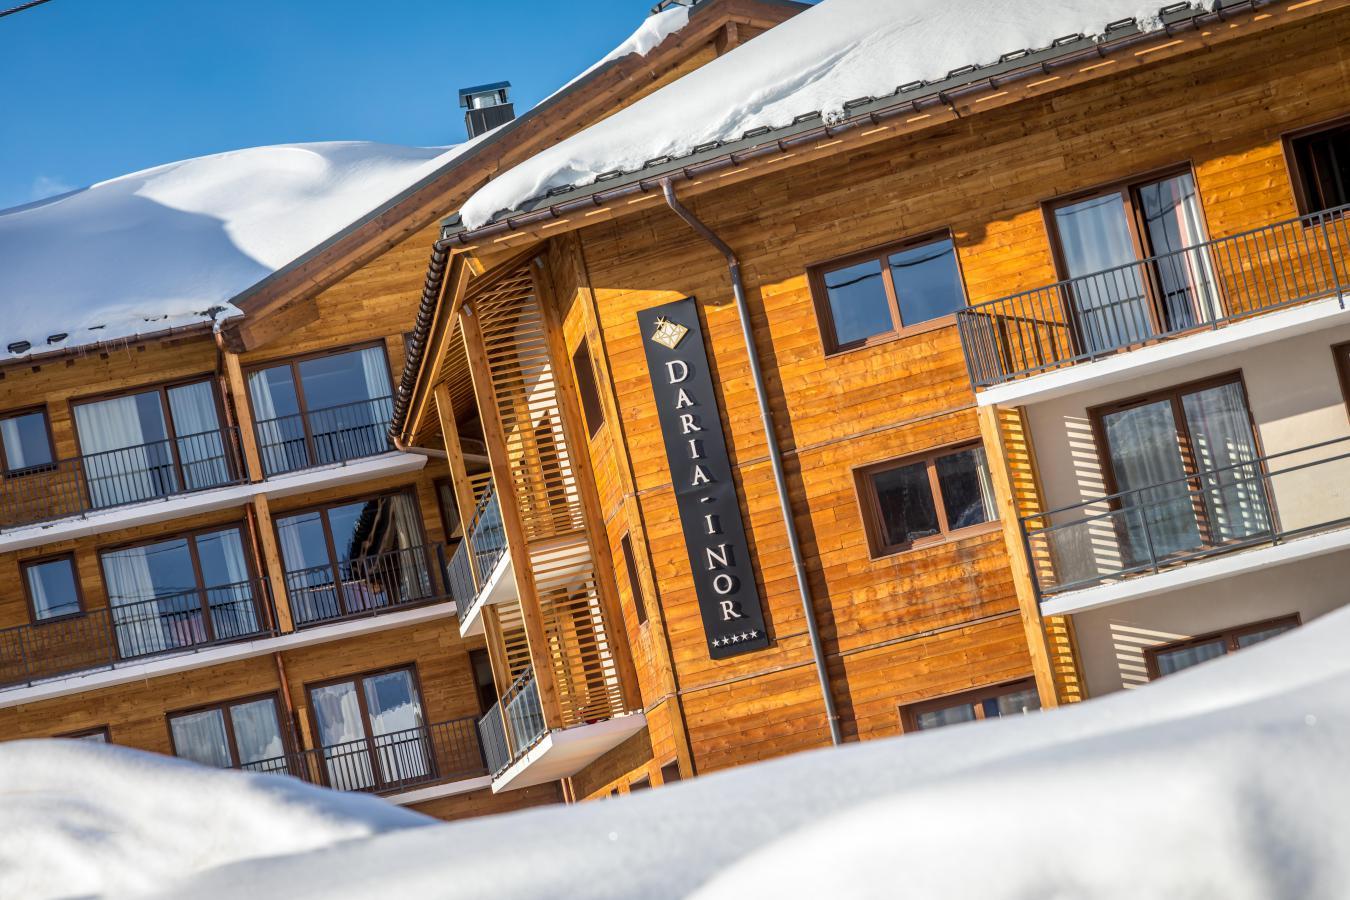 Hôtel Daria-I Nor